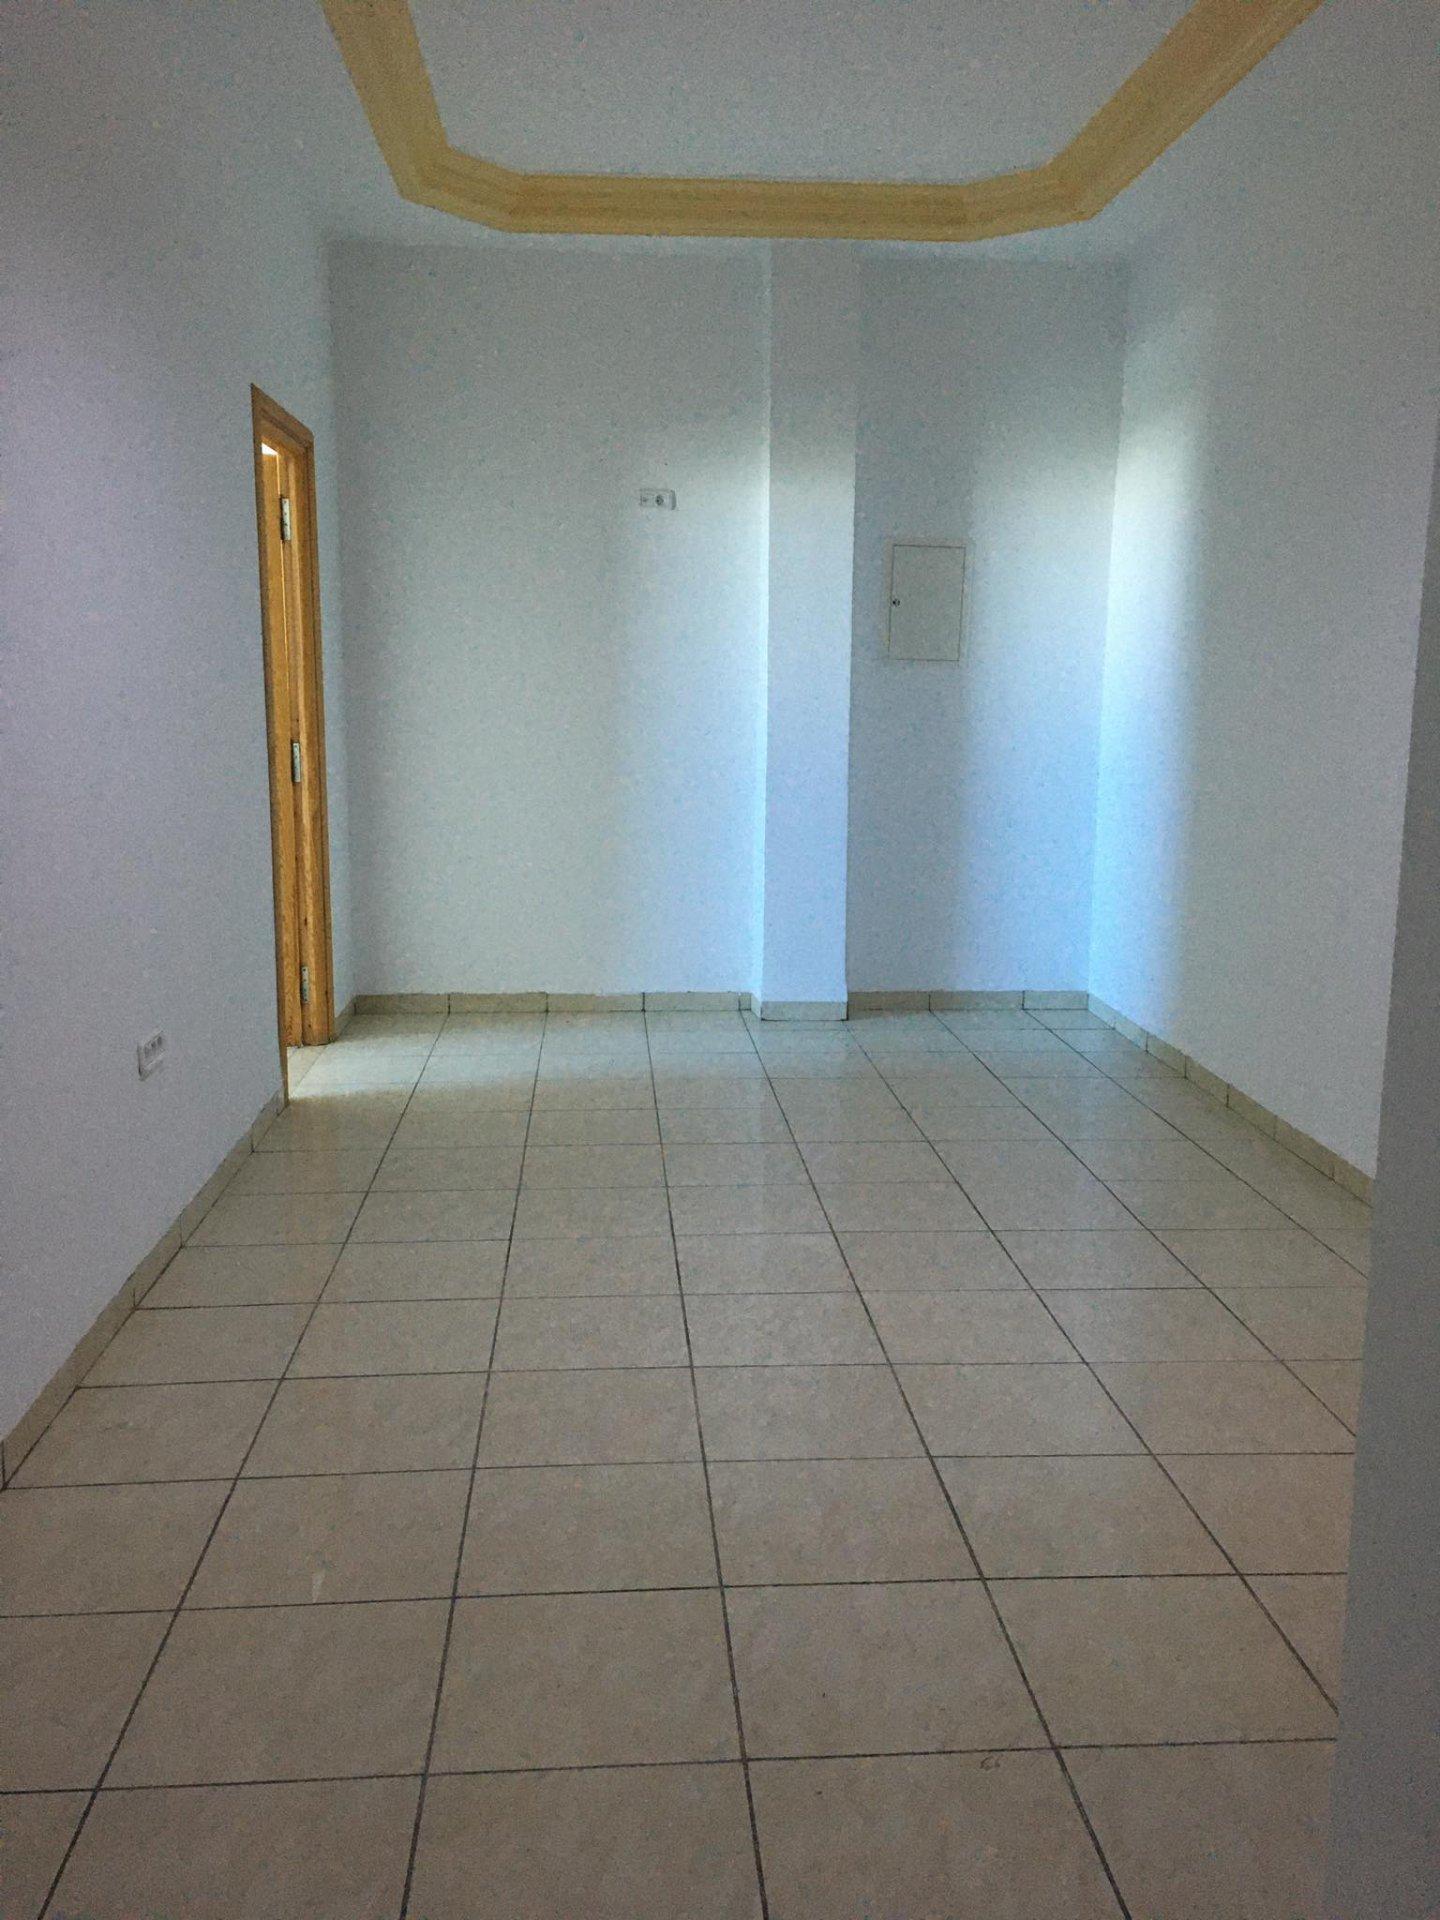 Location Bureau de 2 pièces 60 m² à La Marsa